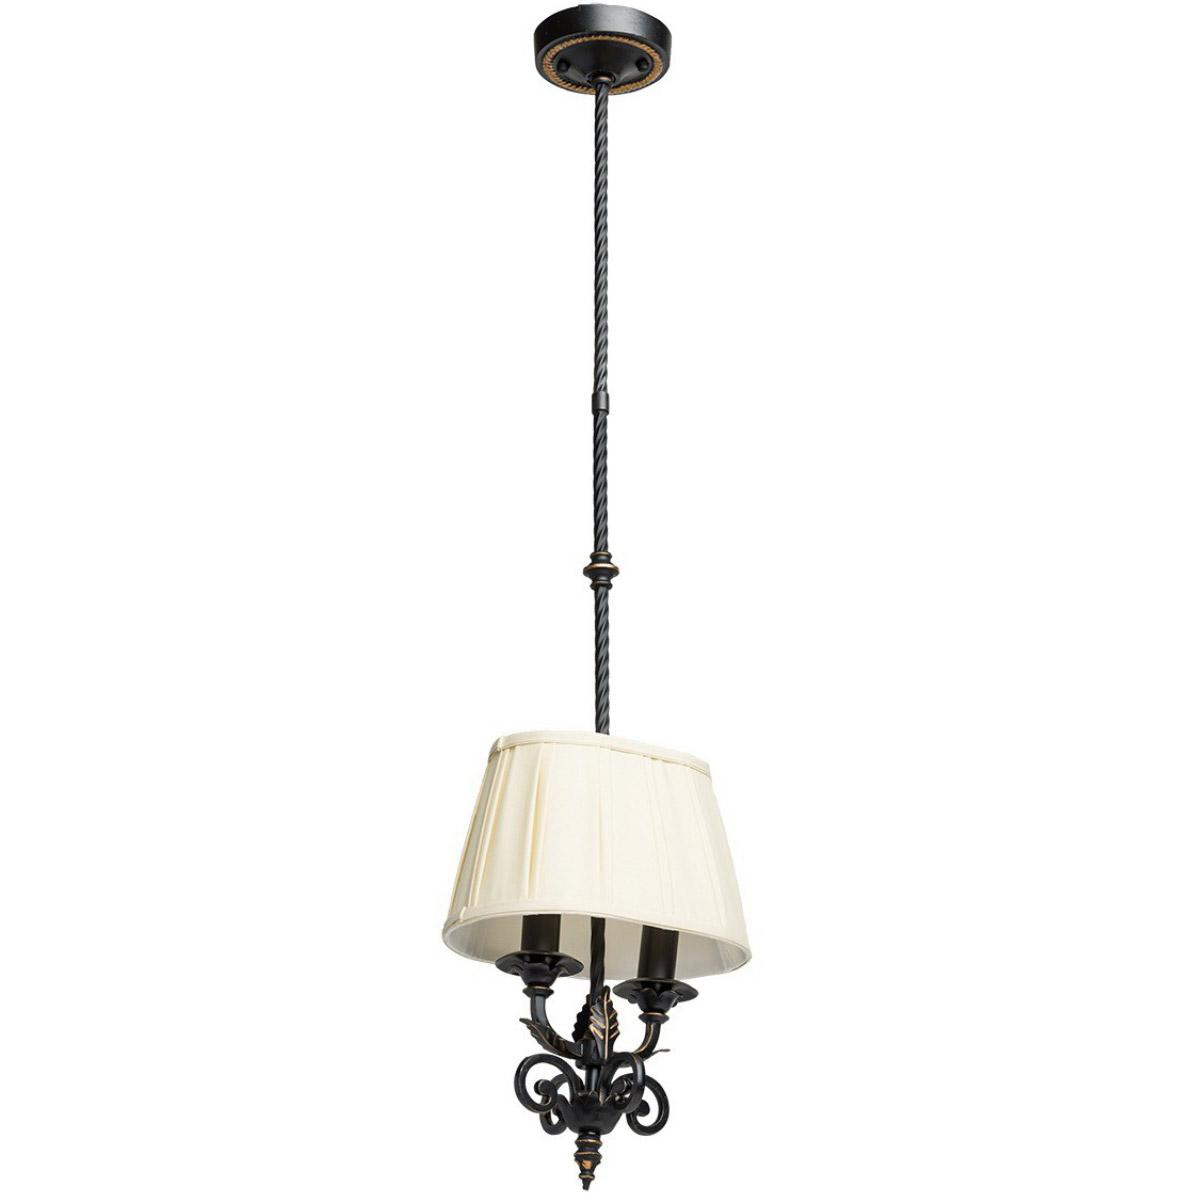 Lampa wisząca z kutego żelaza, 2 żarówki, kolor czarny, abażur beżowy Chiaro